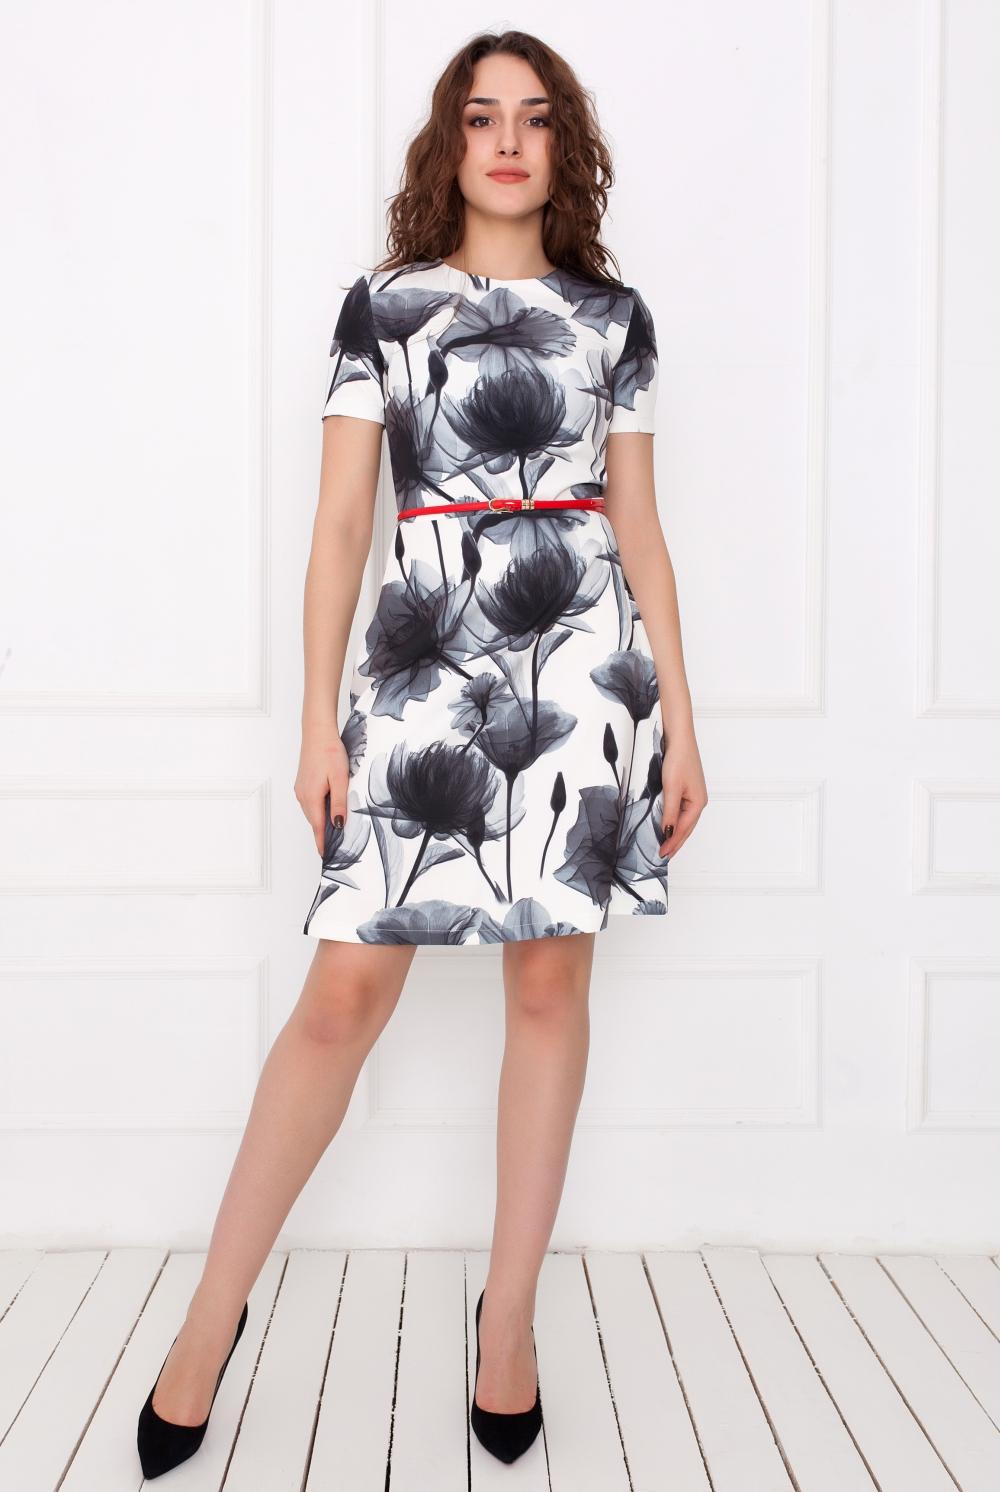 ПлатьеПлатья<br>Чудесное платье с цветочным принтом. Модель выполнена из приятного материала. Отличный выбор для любого случая.Платье без пояса.В изделии использованы цвета: черный, белый, серыйРостовка изделия 170 см.Длина изделия по спинке:44 размер - 95 см46 размер - 95 см48 размер - 96 см50 размер - 96 см52 размер - 97 см54 размер - 97 смДлина рукава:44 размер - 20 см46 размер - 20 см48 размер - 21 см50 размер - 21 см52 размер - 22 см54 размер - 22 см<br><br>Горловина: С- горловина<br>Длина: До колена<br>Материал: Тканевые<br>Рисунок: Растительные мотивы,С принтом,Цветные,Цветочные<br>Рукав: Короткий рукав<br>Сезон: Лето,Осень,Весна<br>Силуэт: Приталенные<br>Стиль: Повседневный стиль<br>Форма: Платье - футляр<br>Размер : 44,46,48,50,52,54<br>Материал: Плательная ткань<br>Количество в наличии: 6